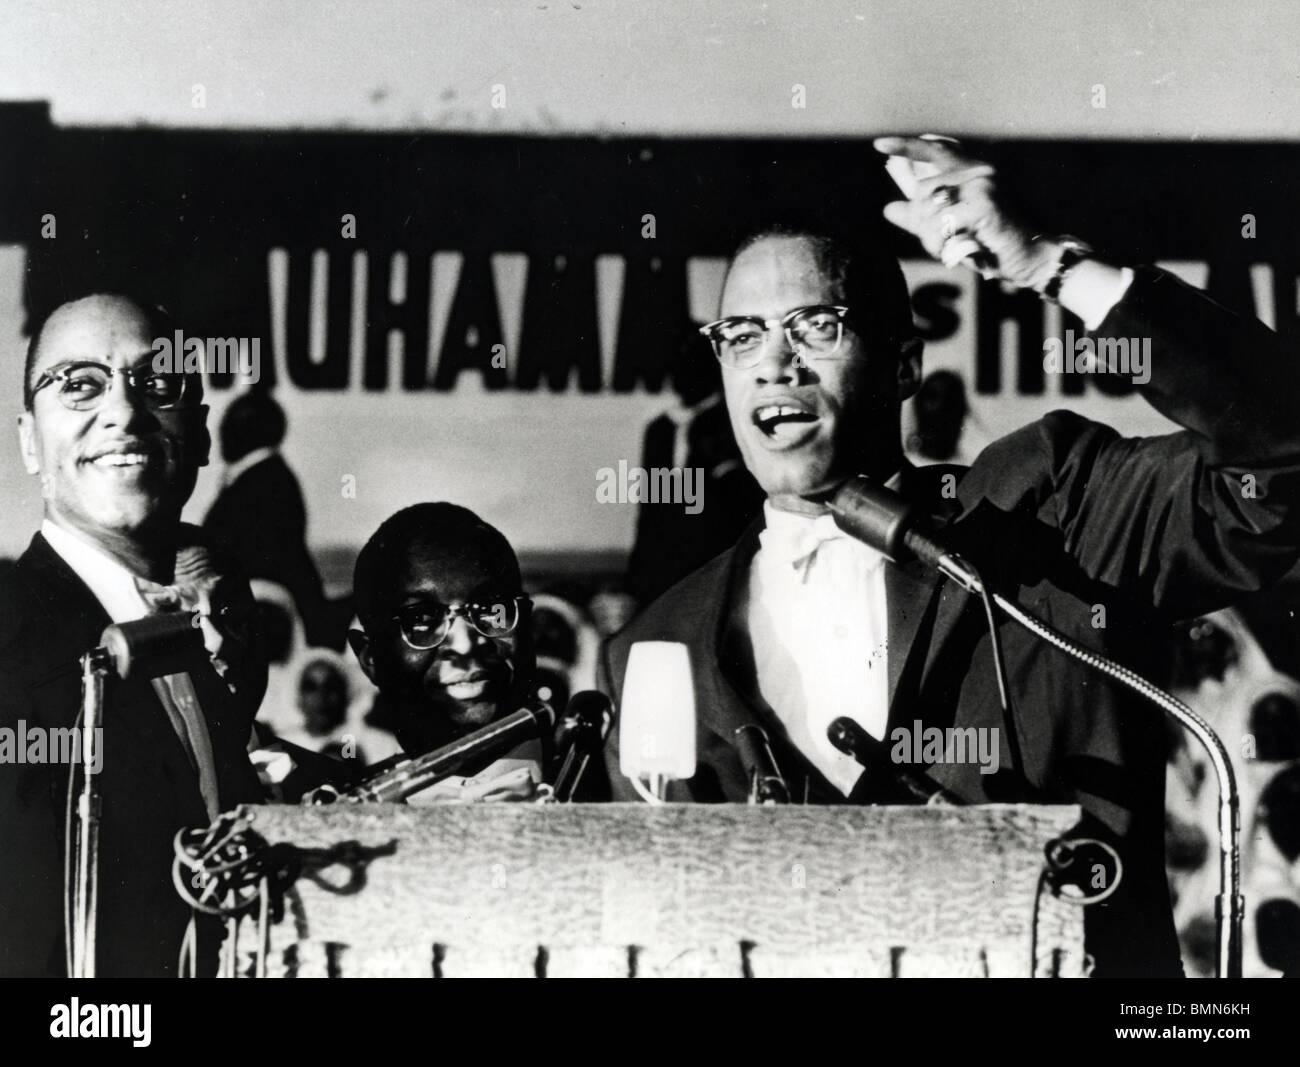 MALCOLM X (1925-1965) ministro afro-americanos e activista dos direitos humanos como chefe dos pretensos Nação Imagens de Stock